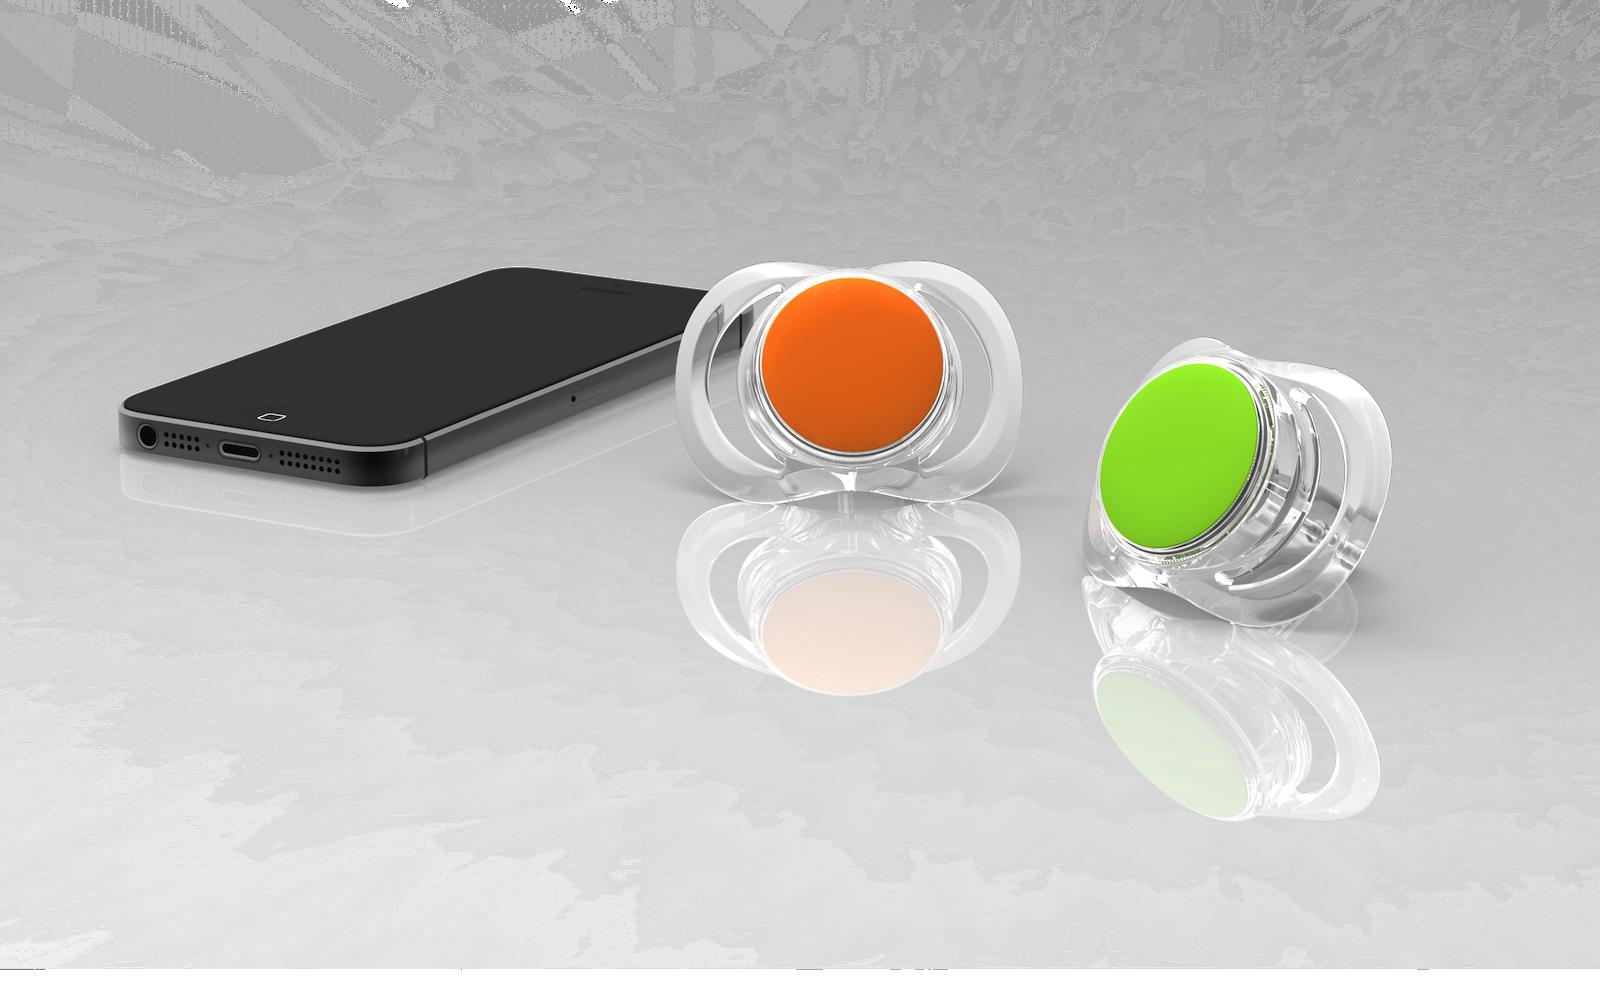 Und so sieht der smarte Schnuller Pacif-i von Blue Maestro aus. Damit er seine volle Kommunikationskraft entfalten kann, enthält er einen Bluetooth-Chip mit einer Akku-Laufzeit von einem Jahr.